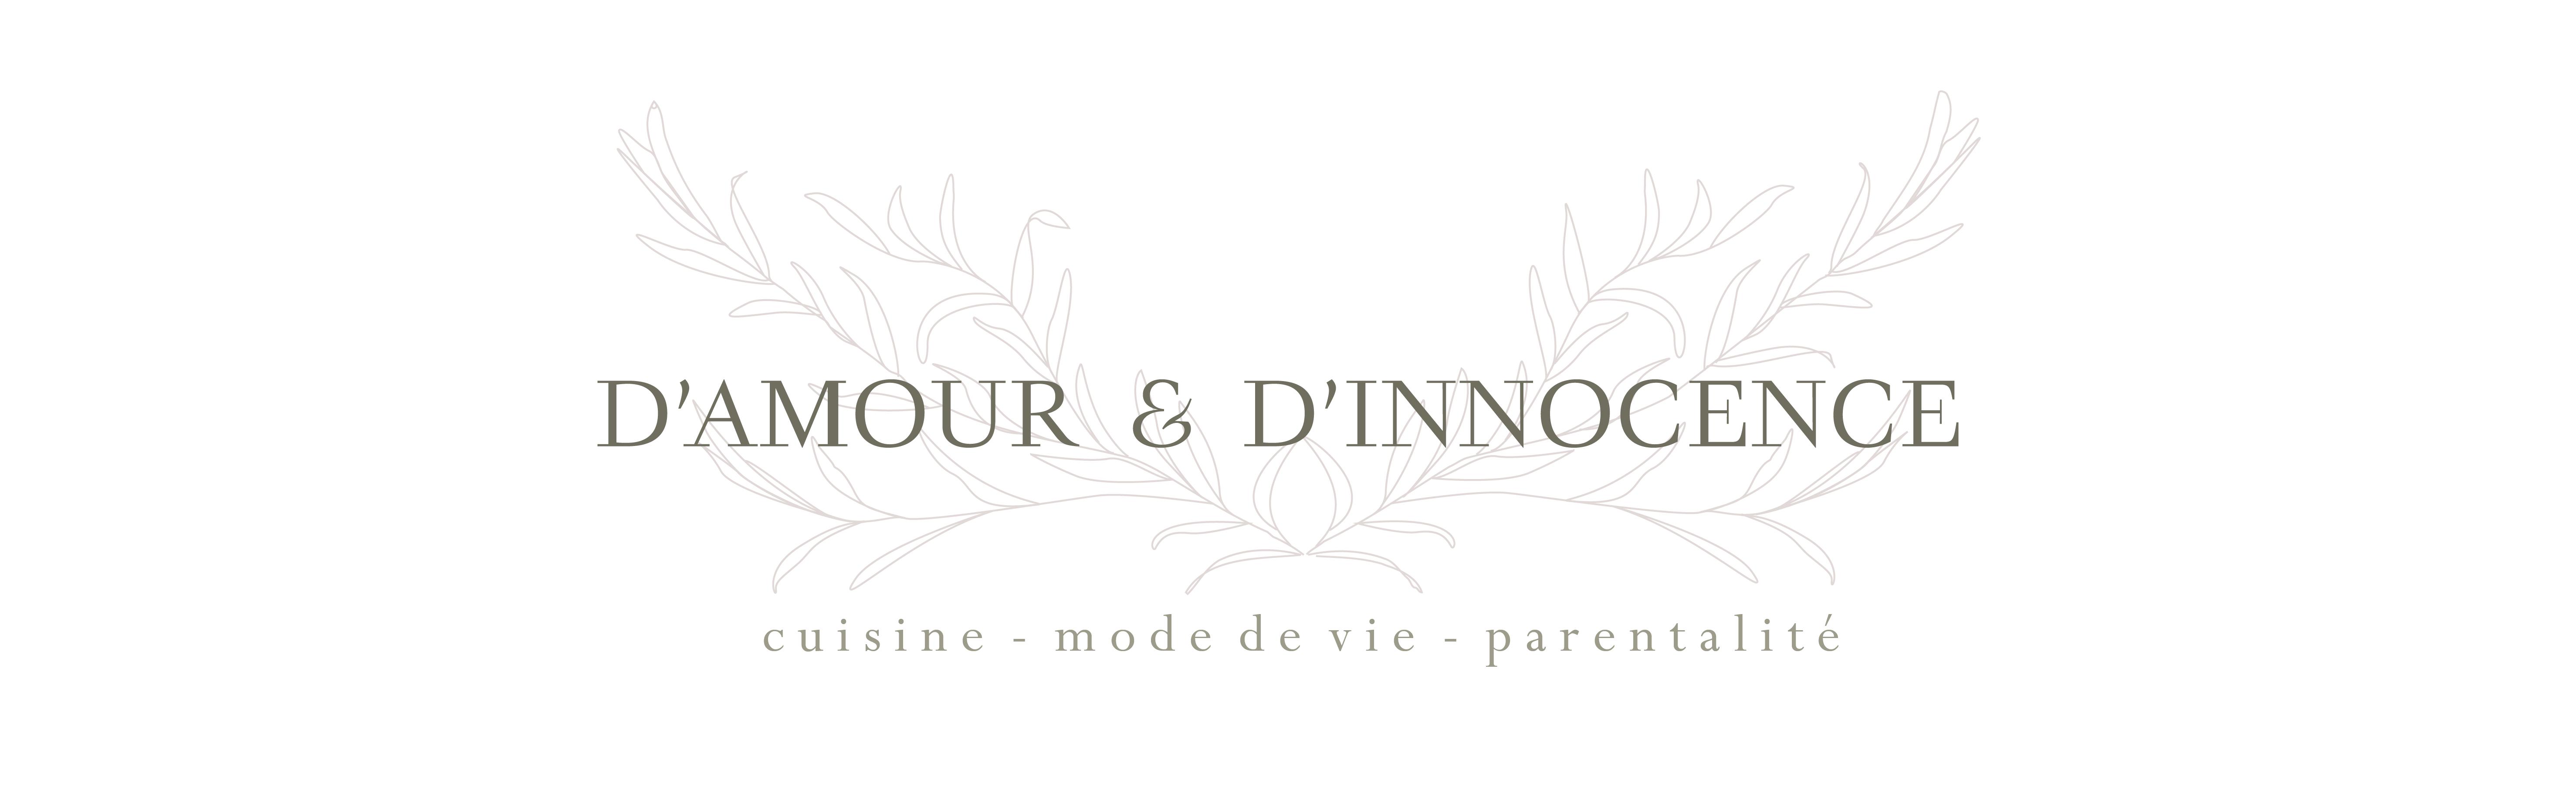 D'amour & d'innocence